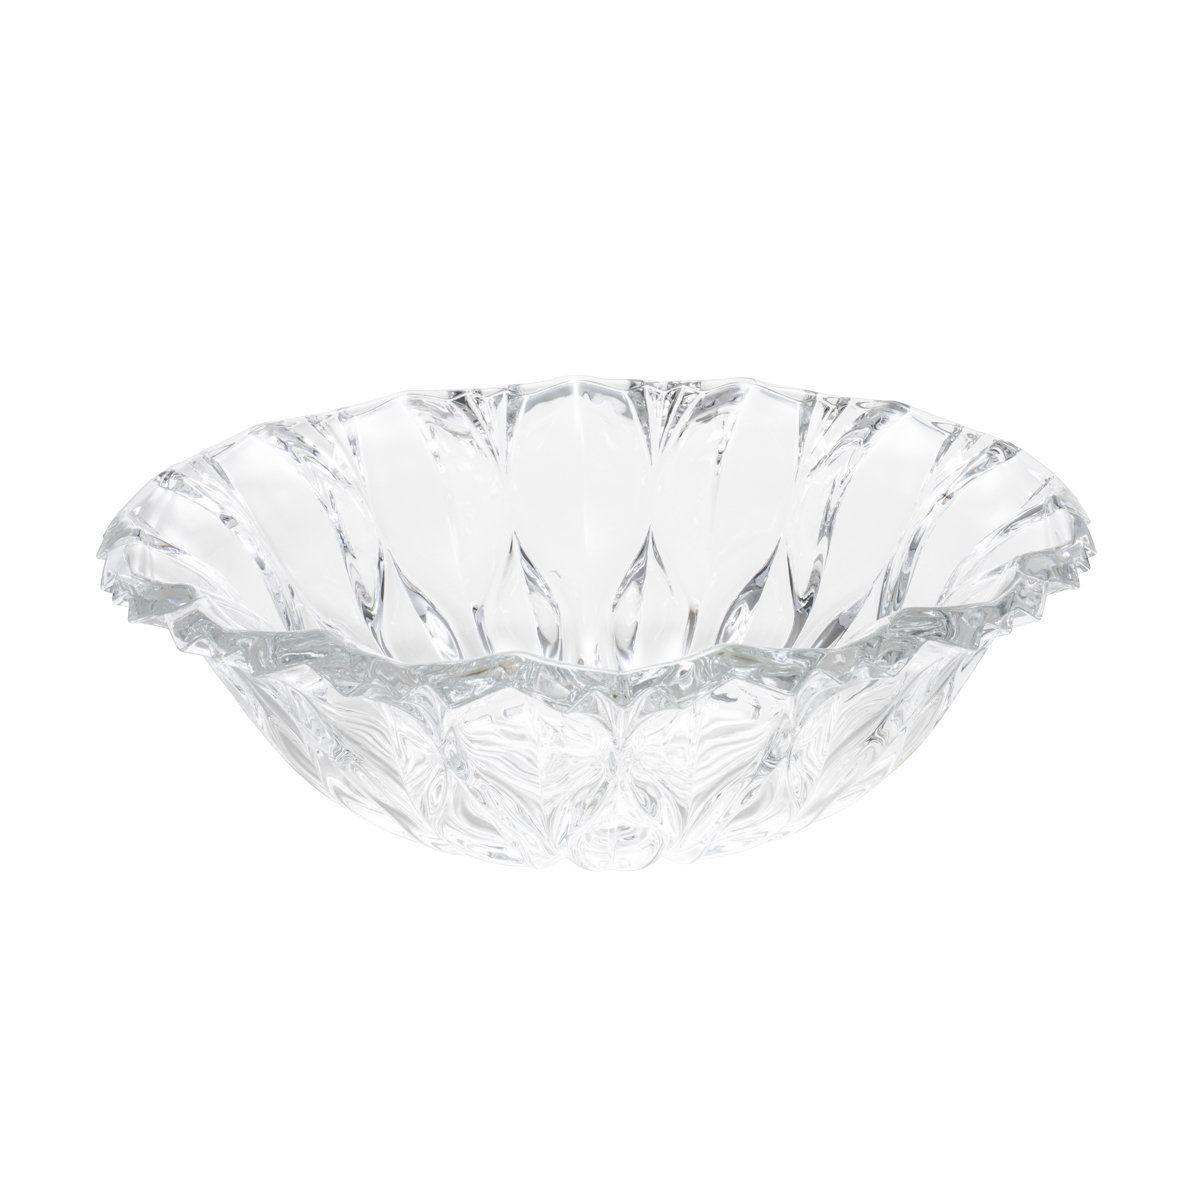 Fruteira 34,5 cm de cristal transparente Louise Wolff - 2360